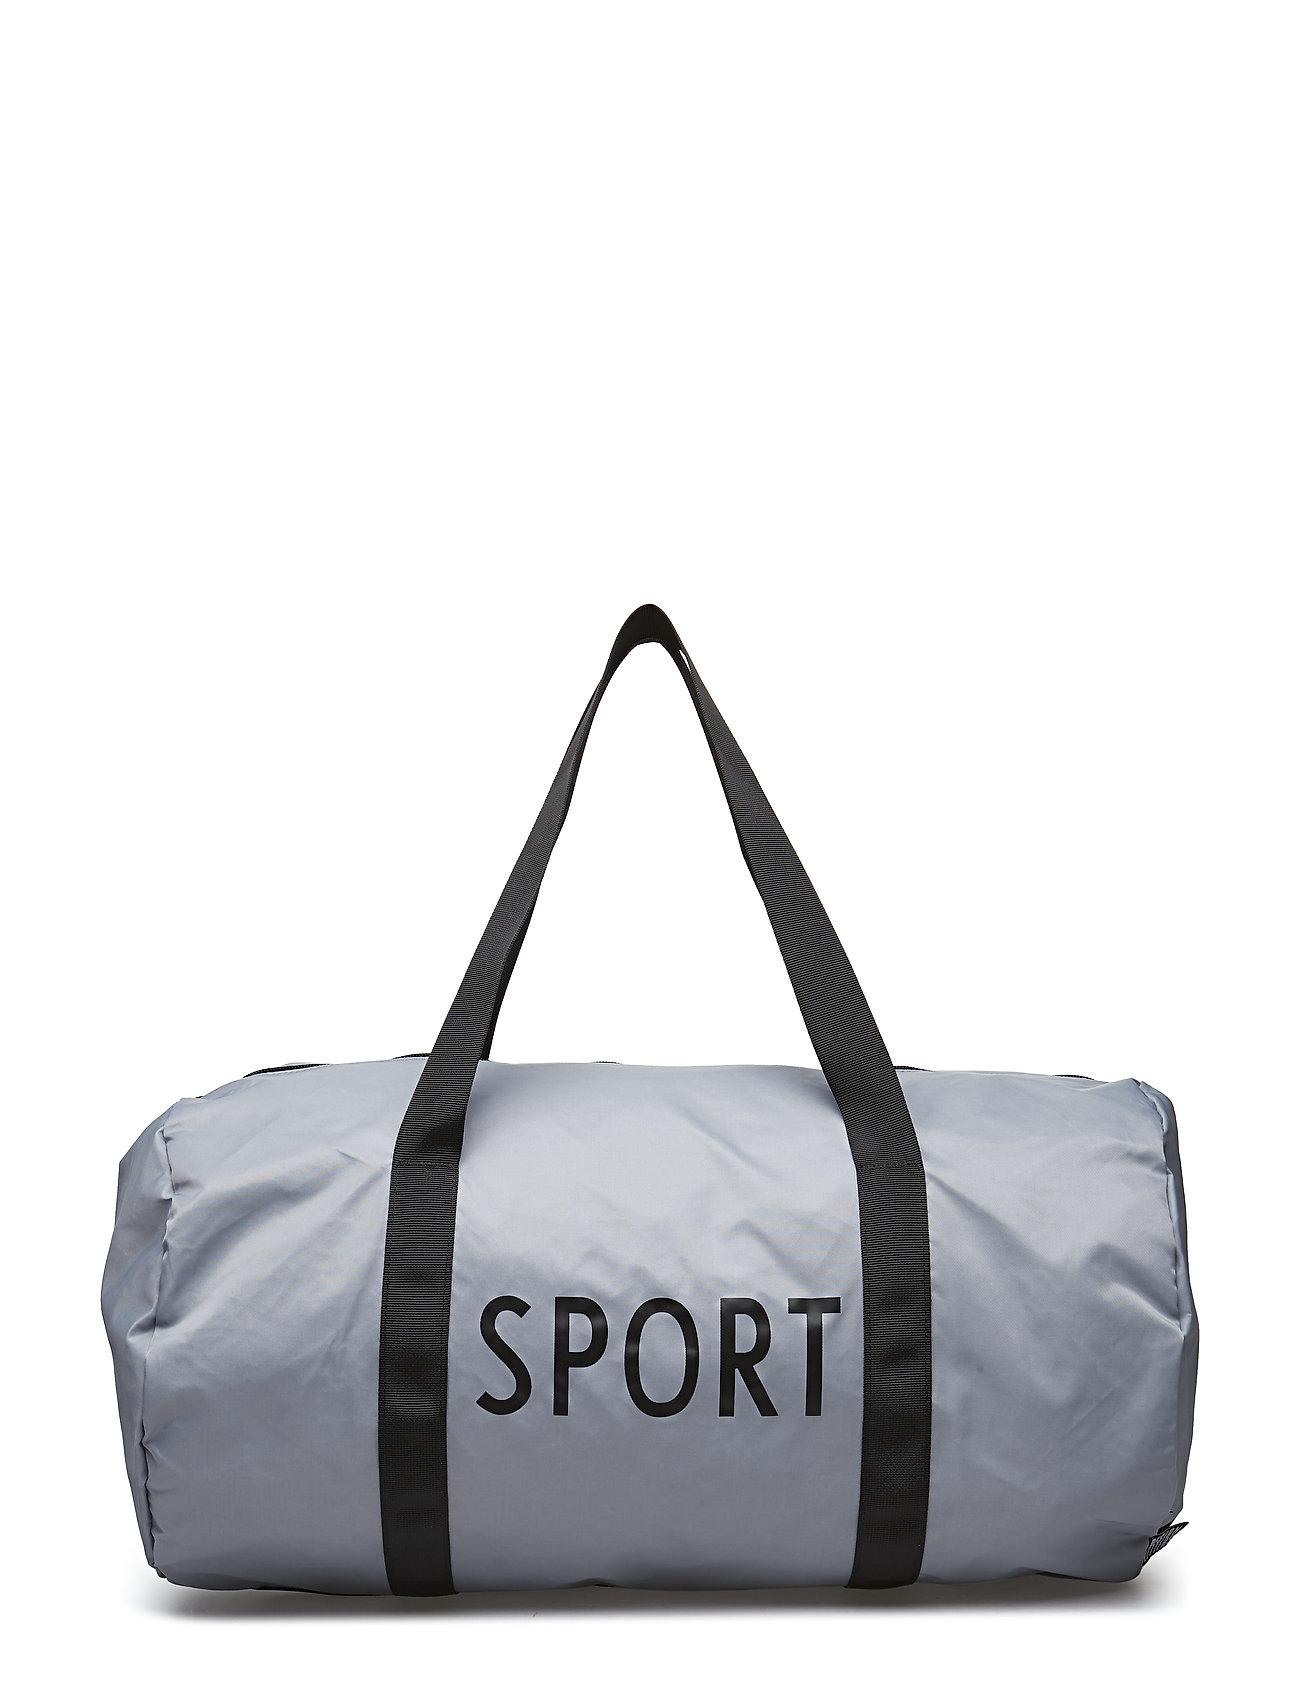 Letters LargebagsDesign LargebagsDesign Sports Sports Bag Letters Bag R354ALj